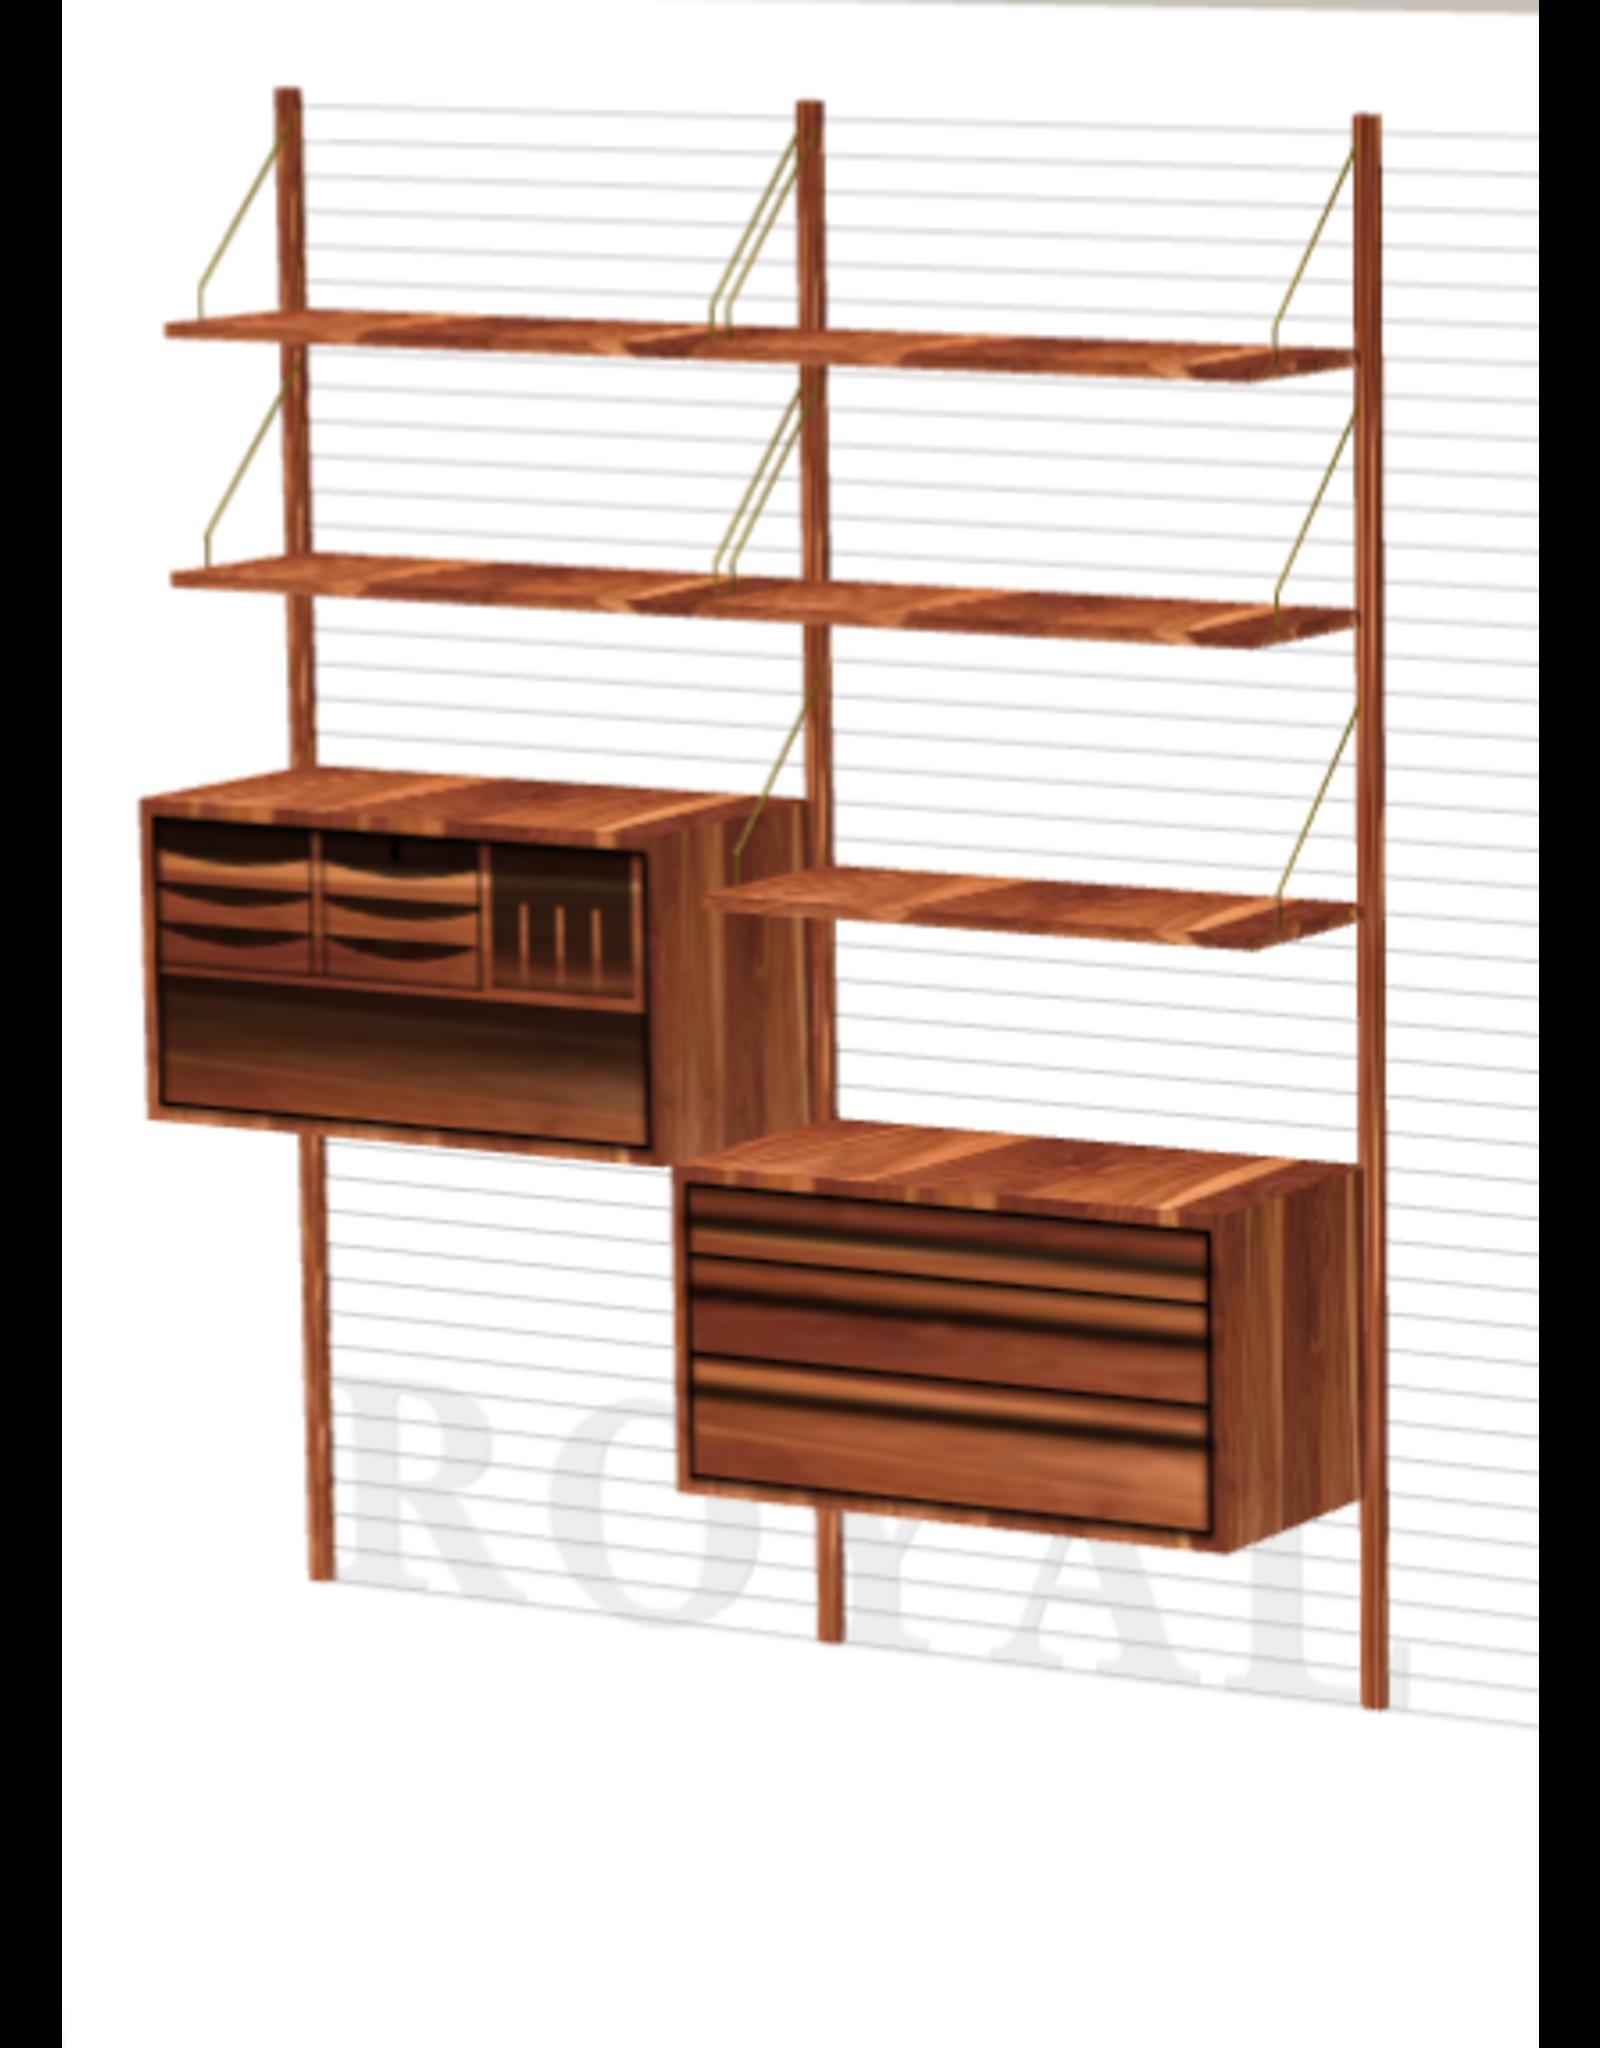 ROYAL SYSTEM 層架組合連工作桌及抽屜